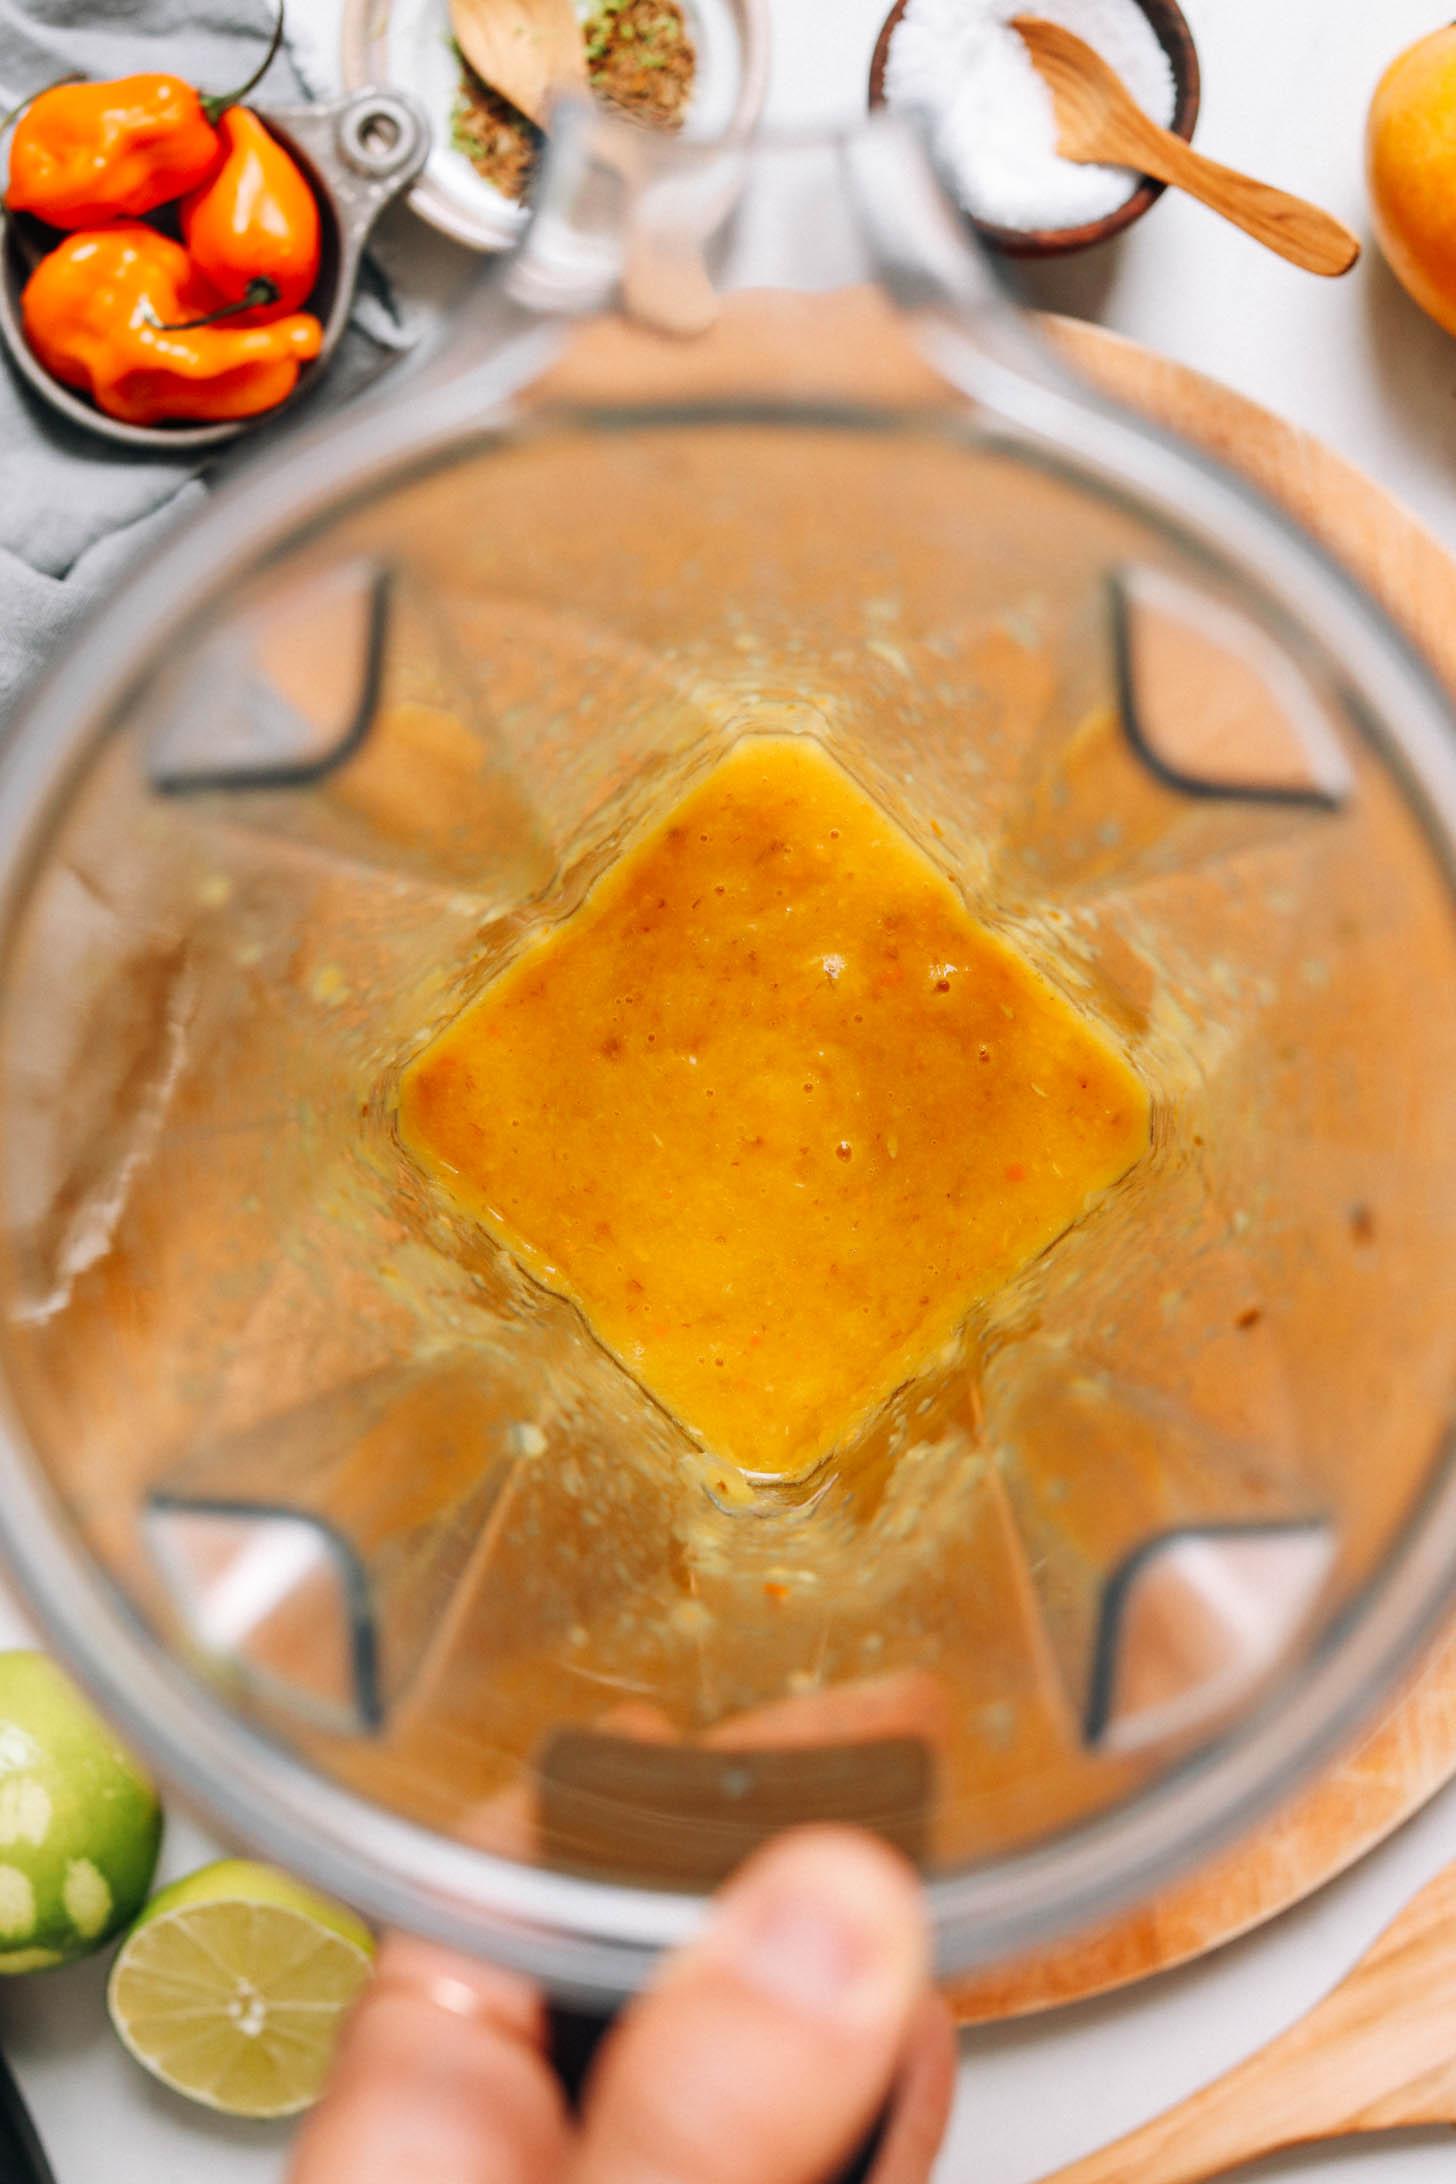 Frissen kevert mangó forró mártás turmixgépben